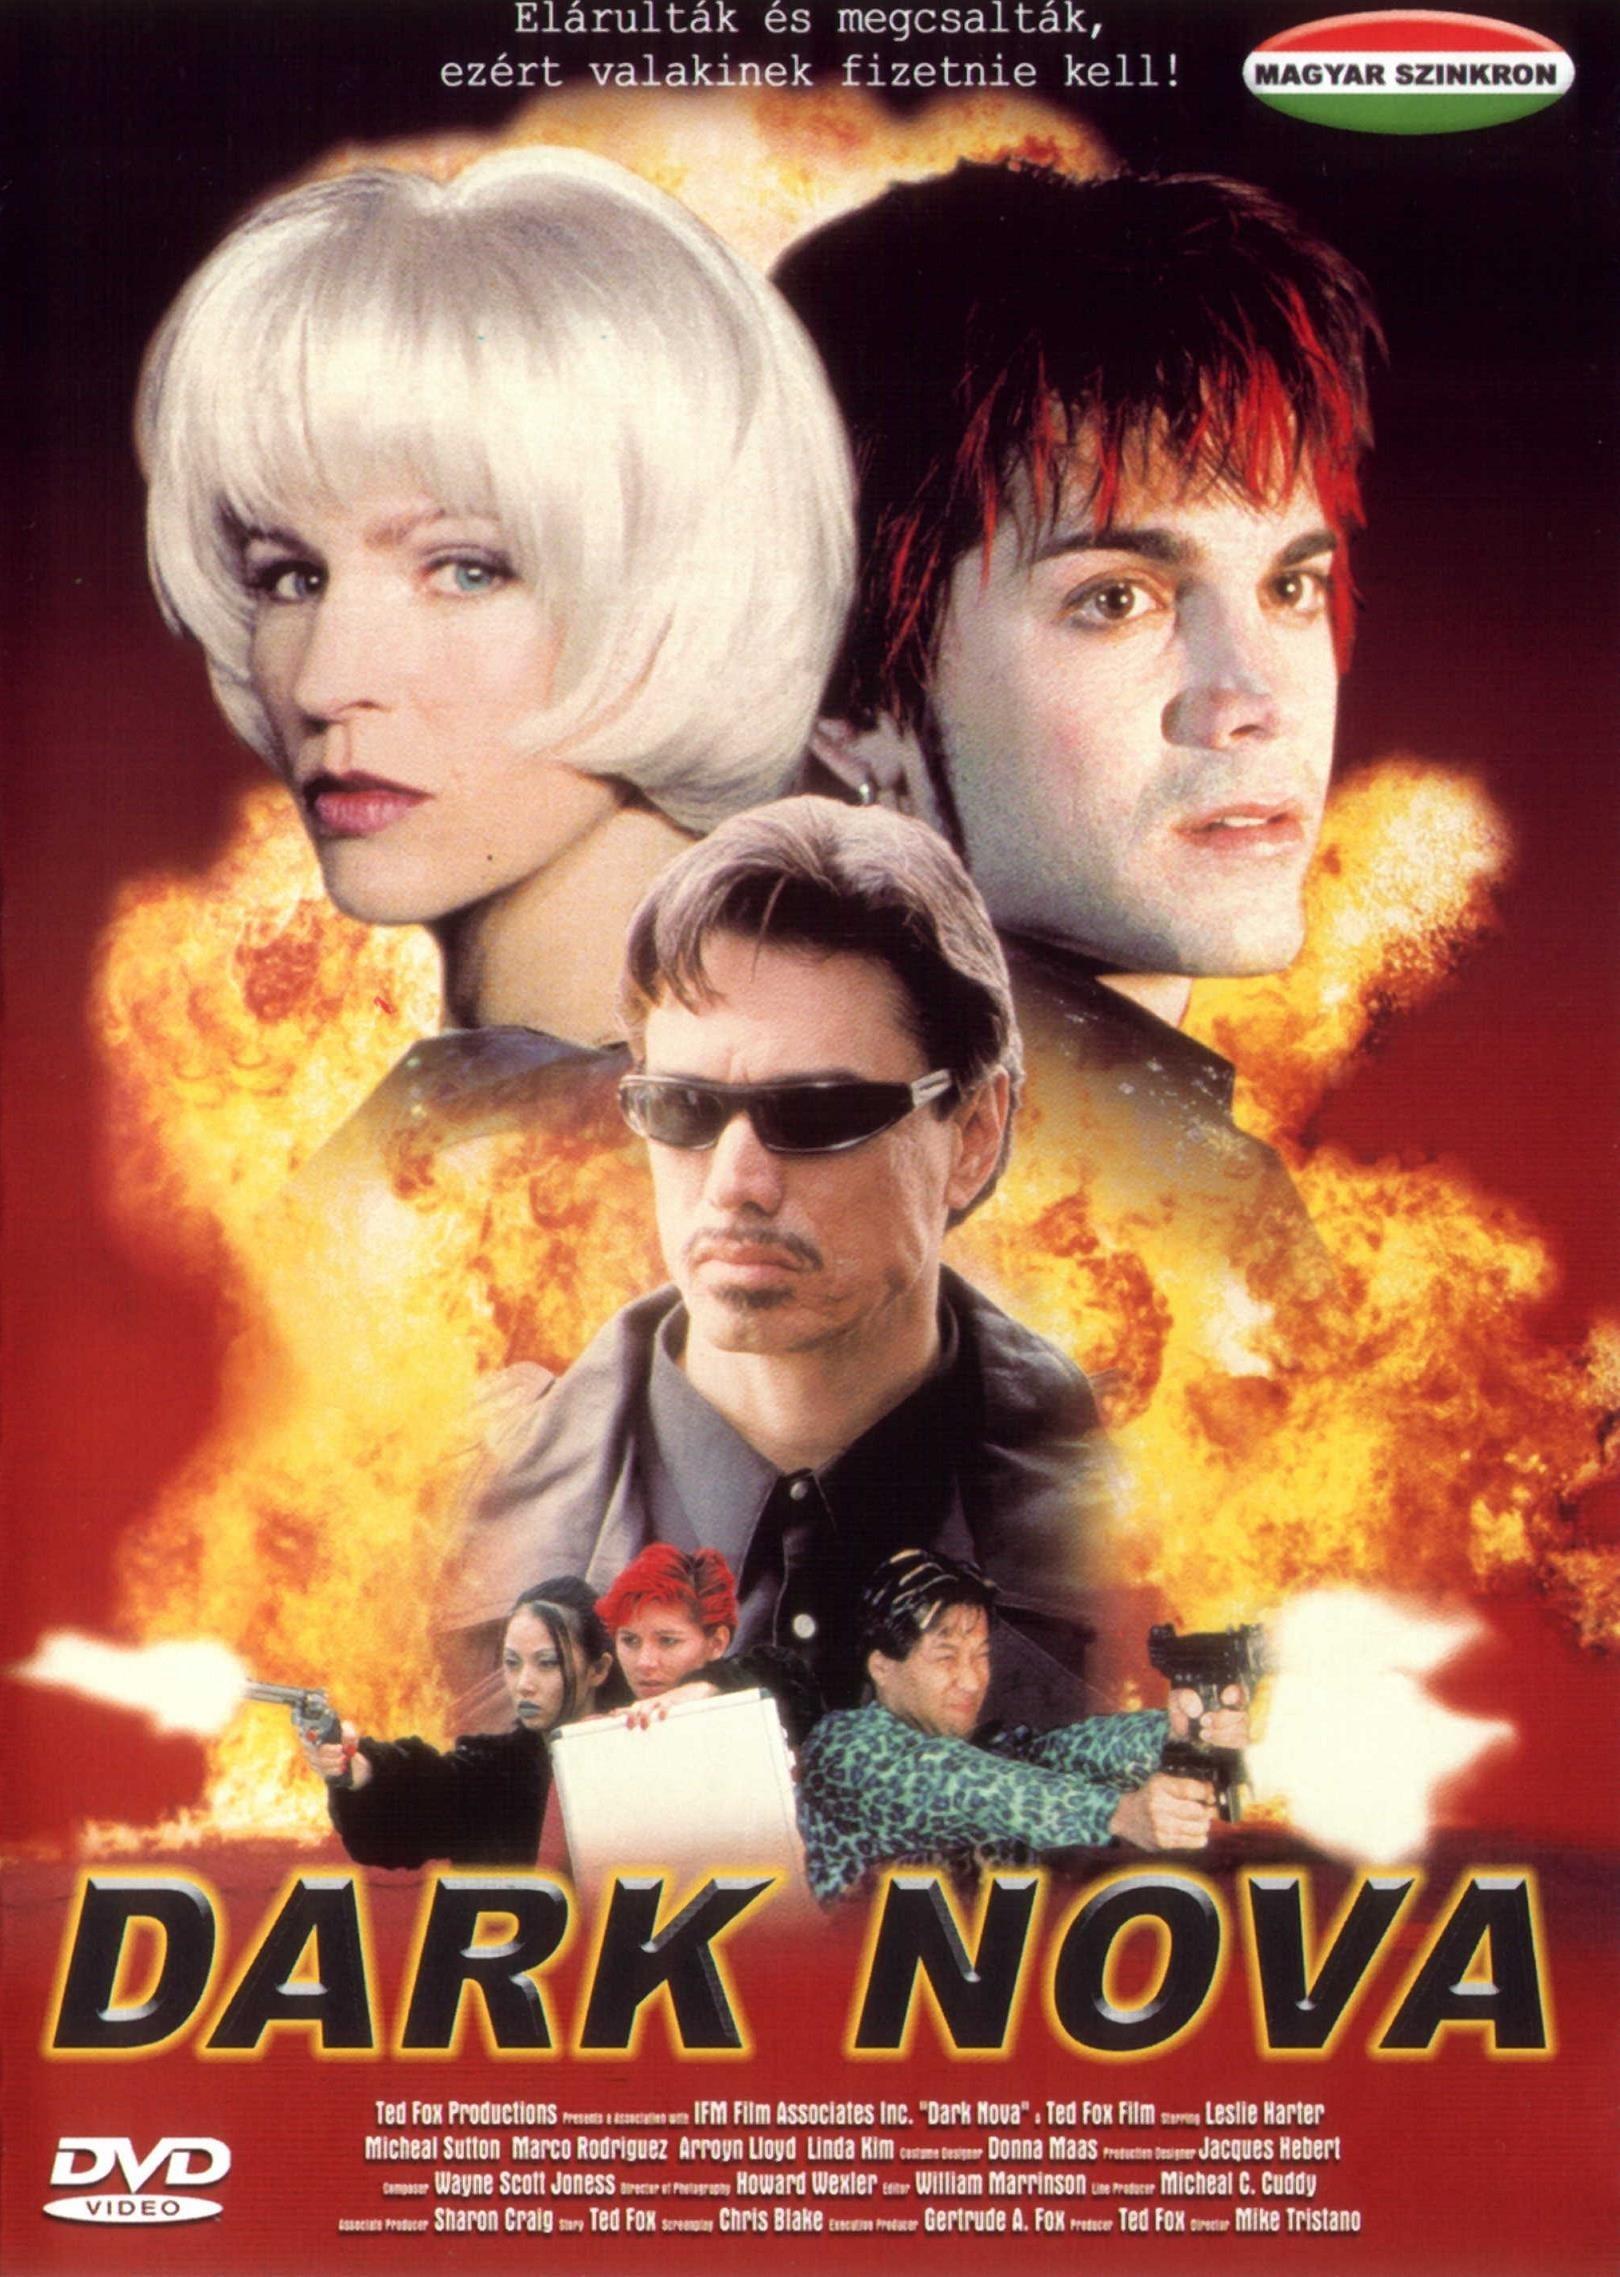 Dark Nova (1999)